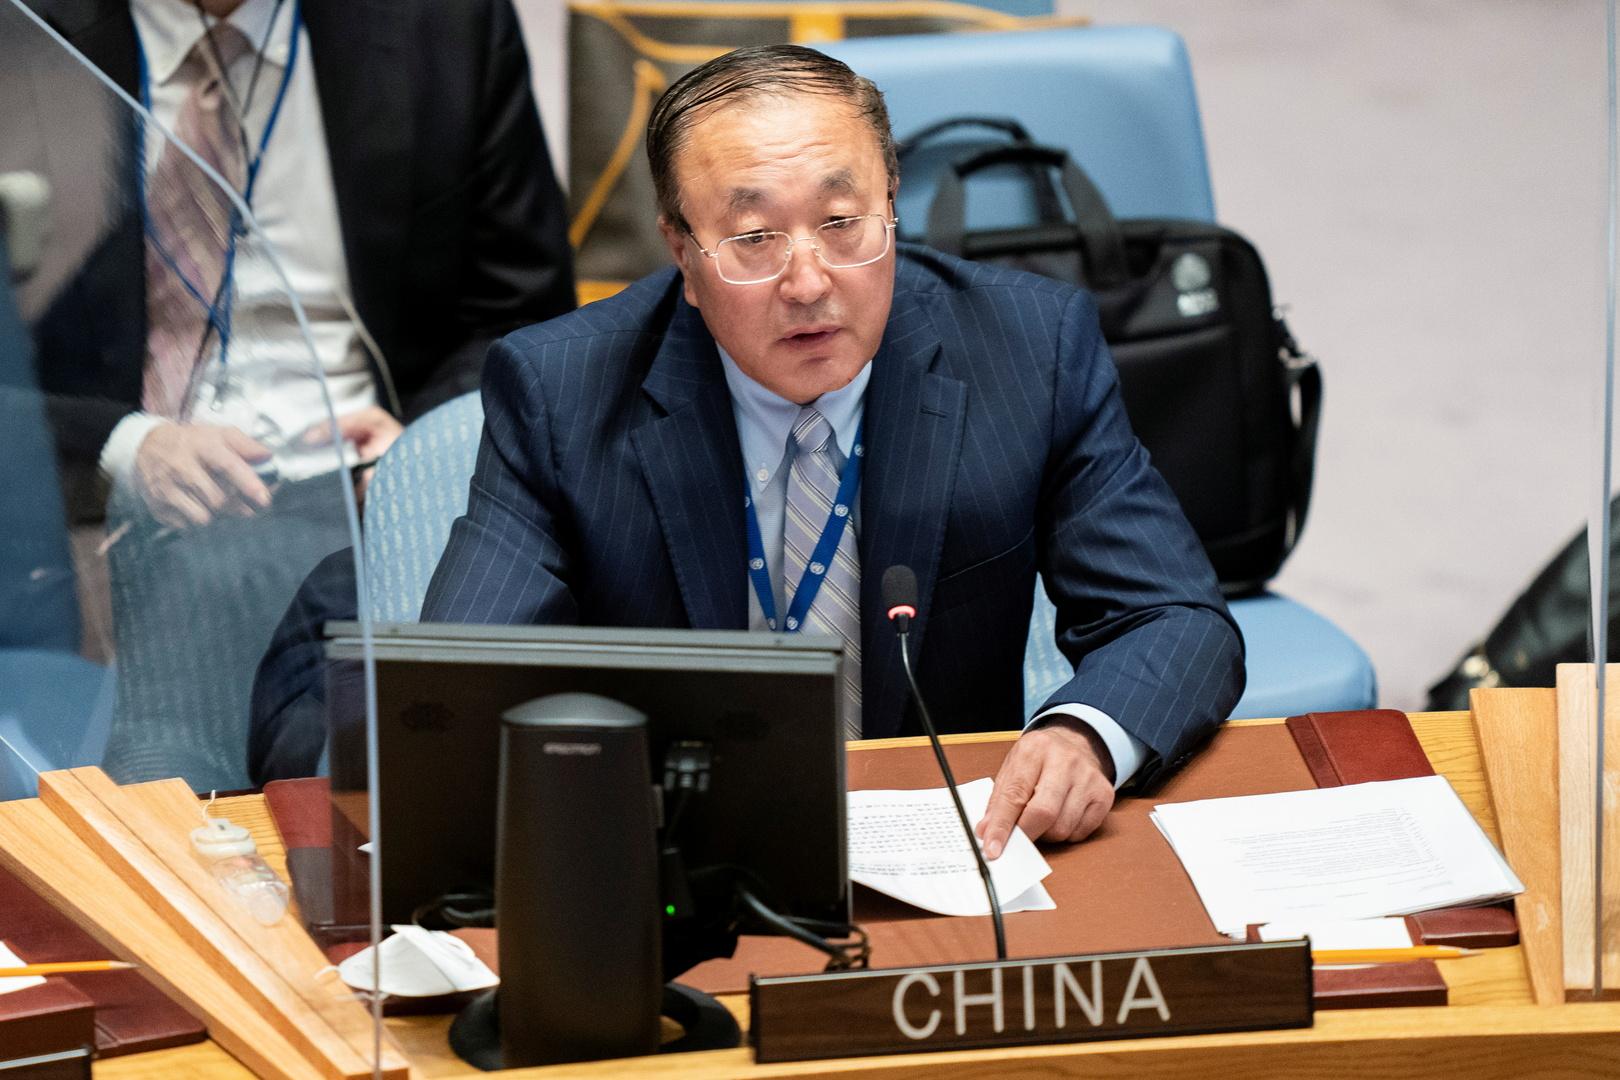 المندوب الصيني الدائم لدى الأمم المتحدة، تشانغ جيون